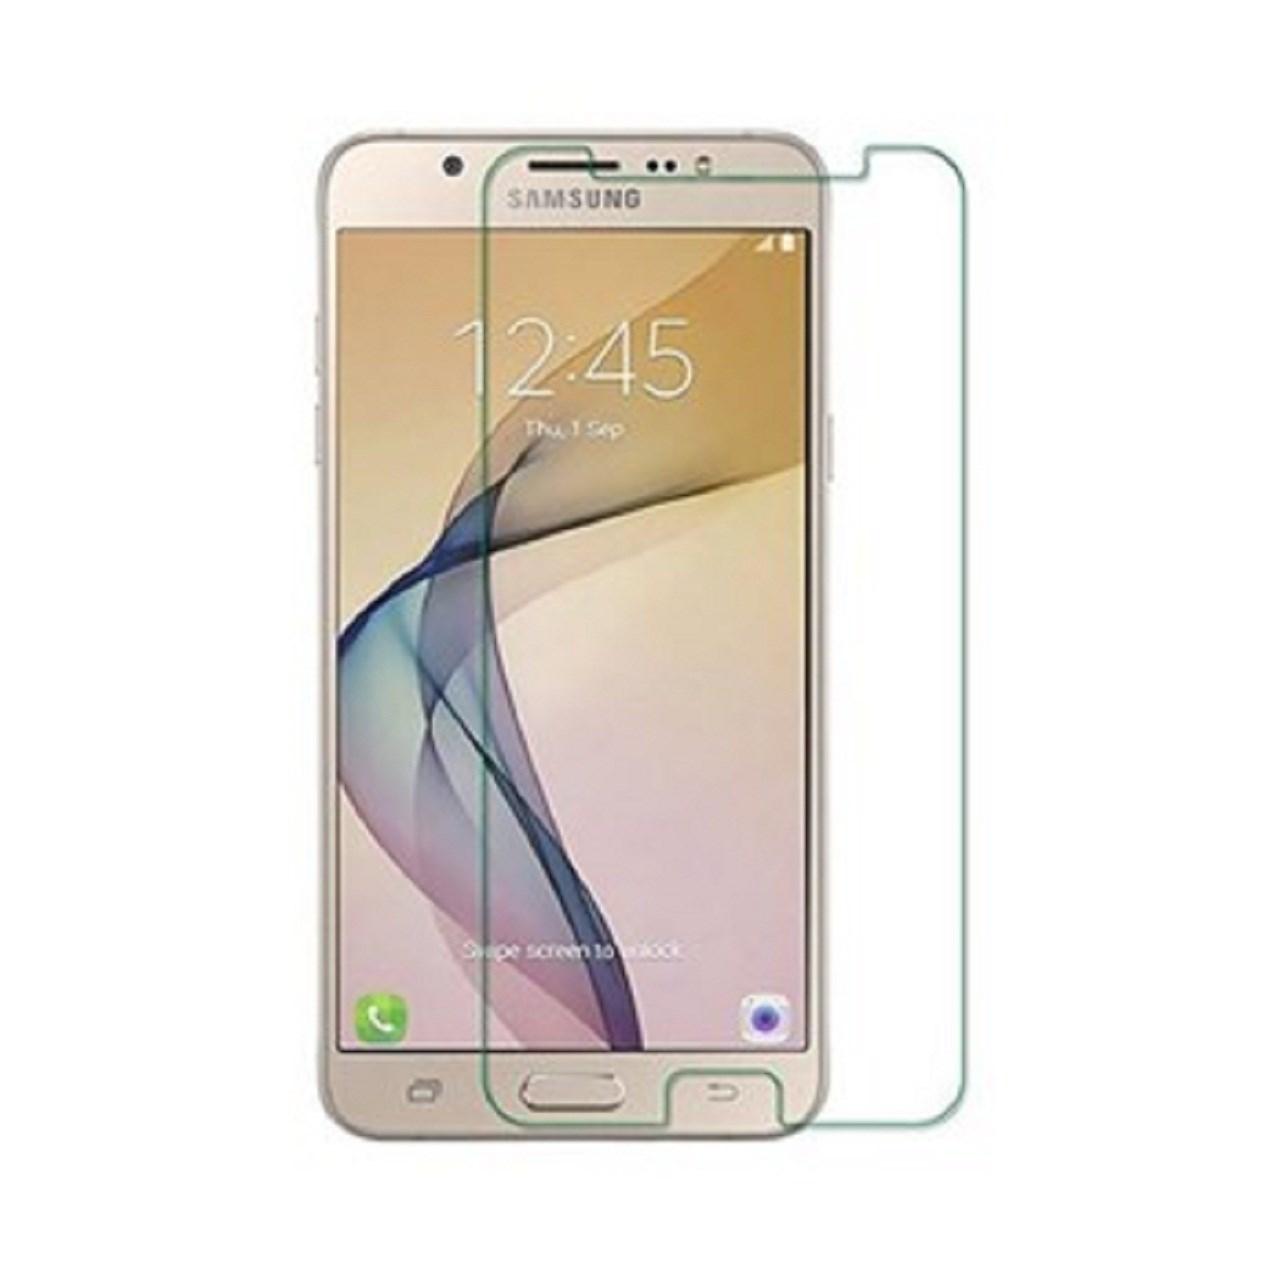 محافظ صفحه نمایش شیشه ای 9H مناسب برای گوشی موبایل  سامسونگ Galaxy J7 Prime              ( قیمت و خرید)